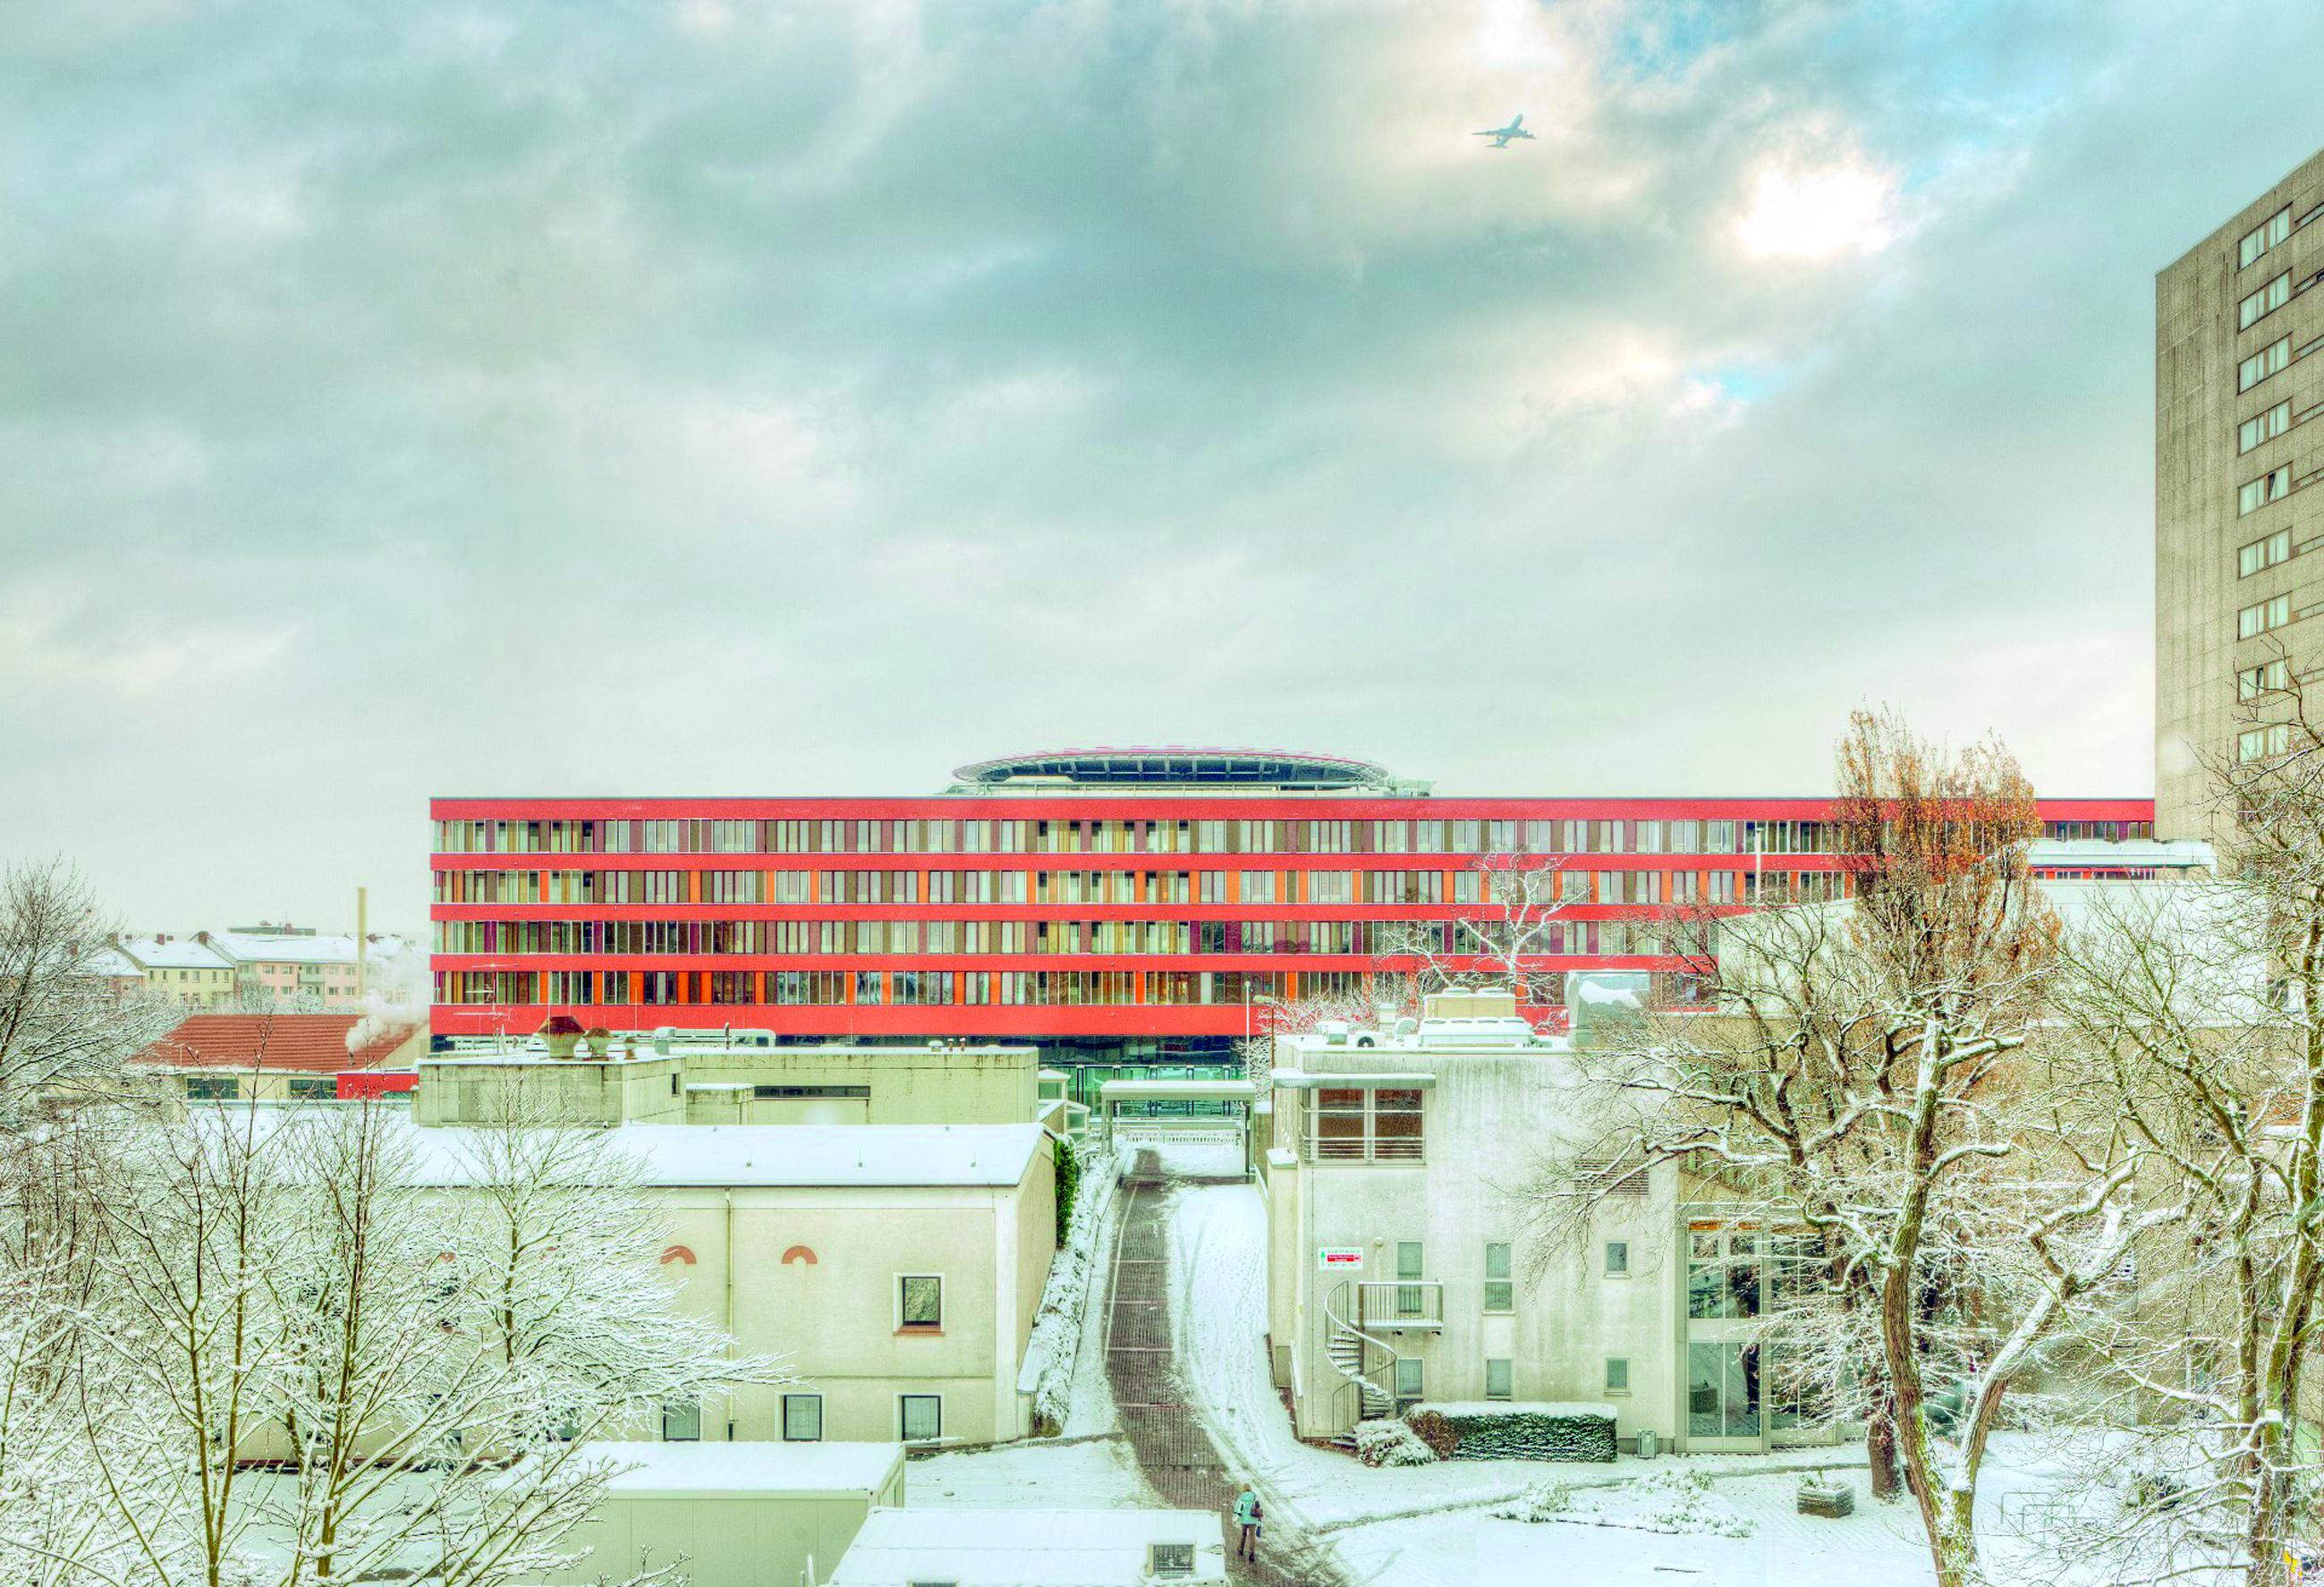 krankenhausarchitektur_klinik_offenbach_201804